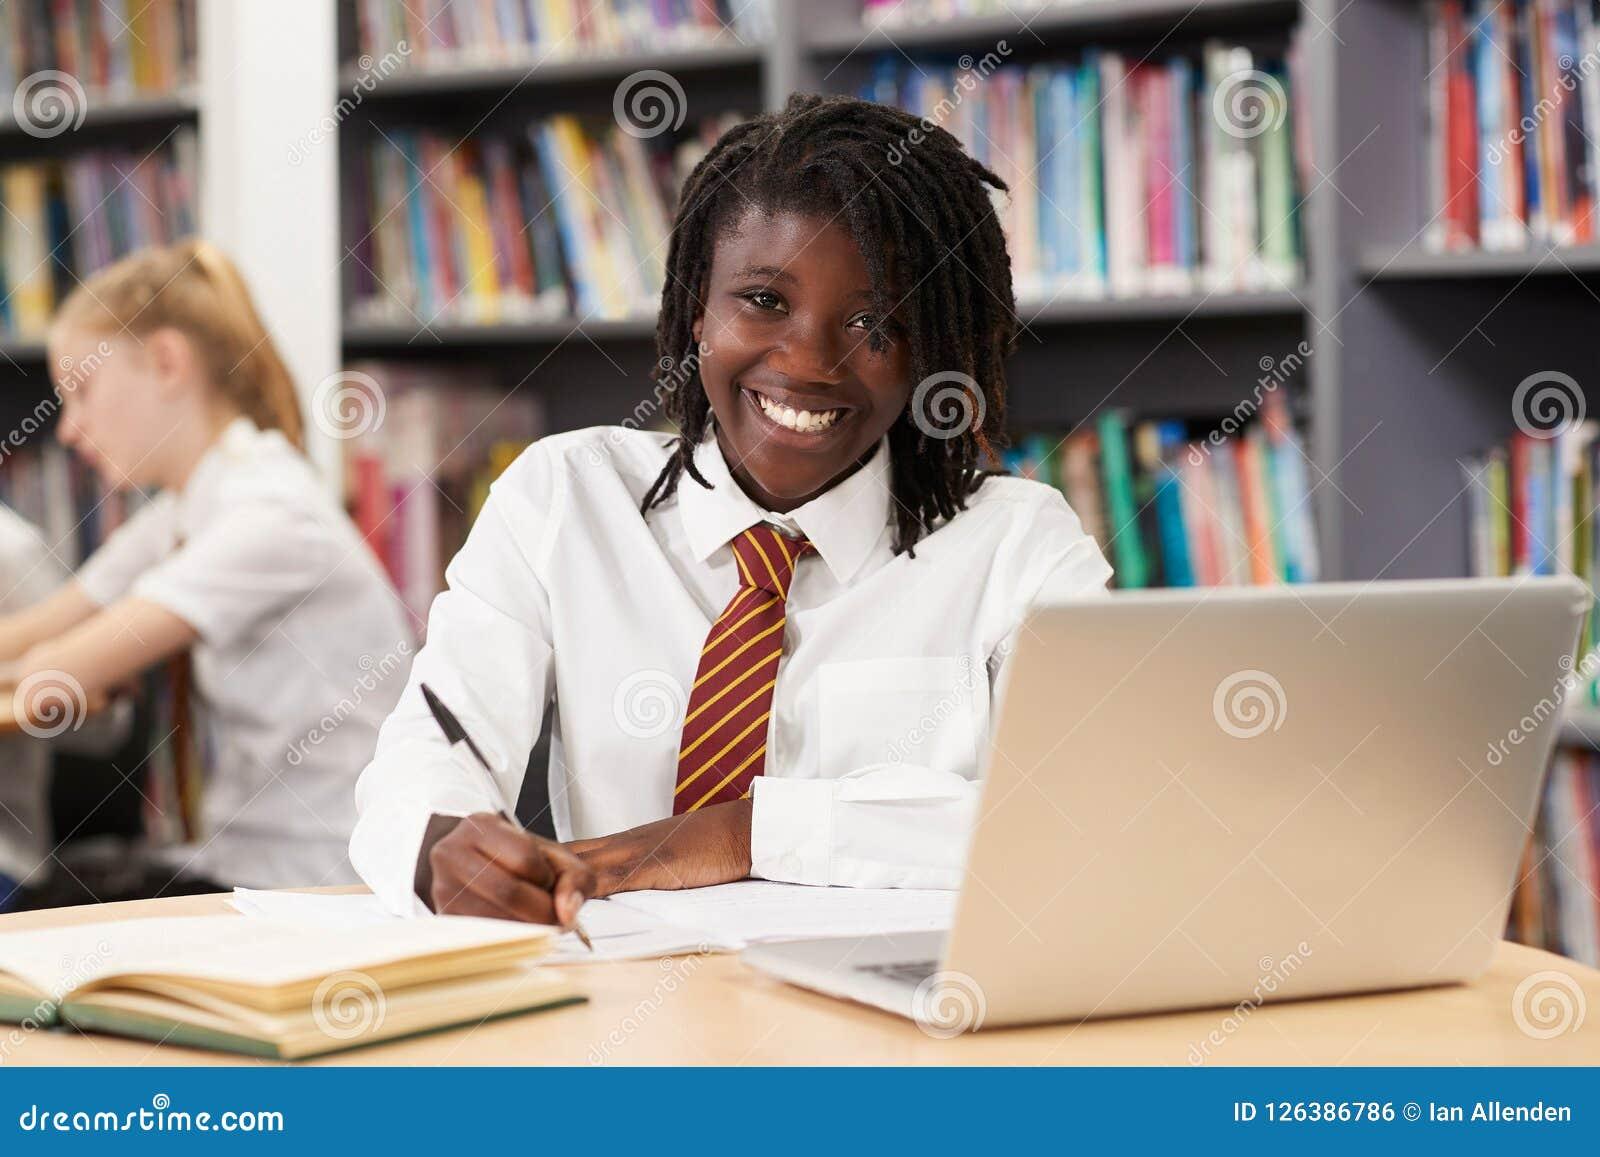 Portrait d étudiant féminin Wearing Uniform Working A de lycée